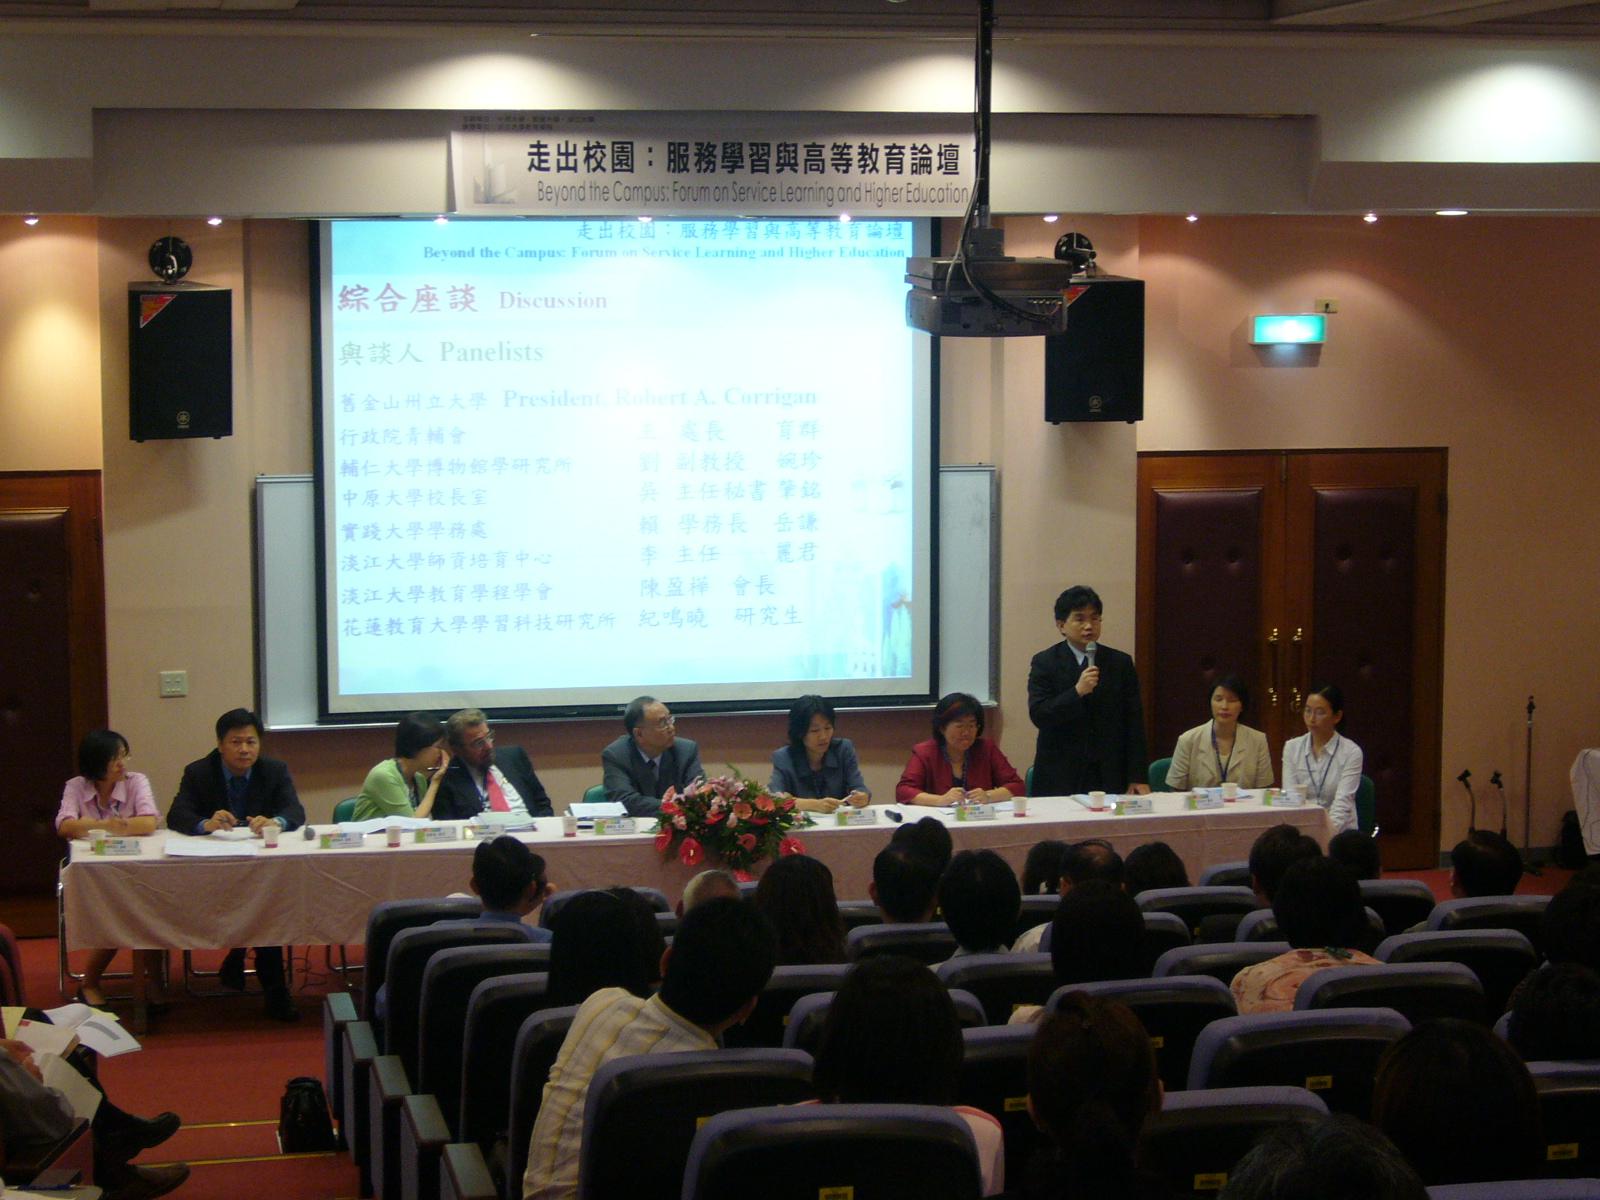 中原大學與淡大等校共同舉辦服務學習與高等教育論壇